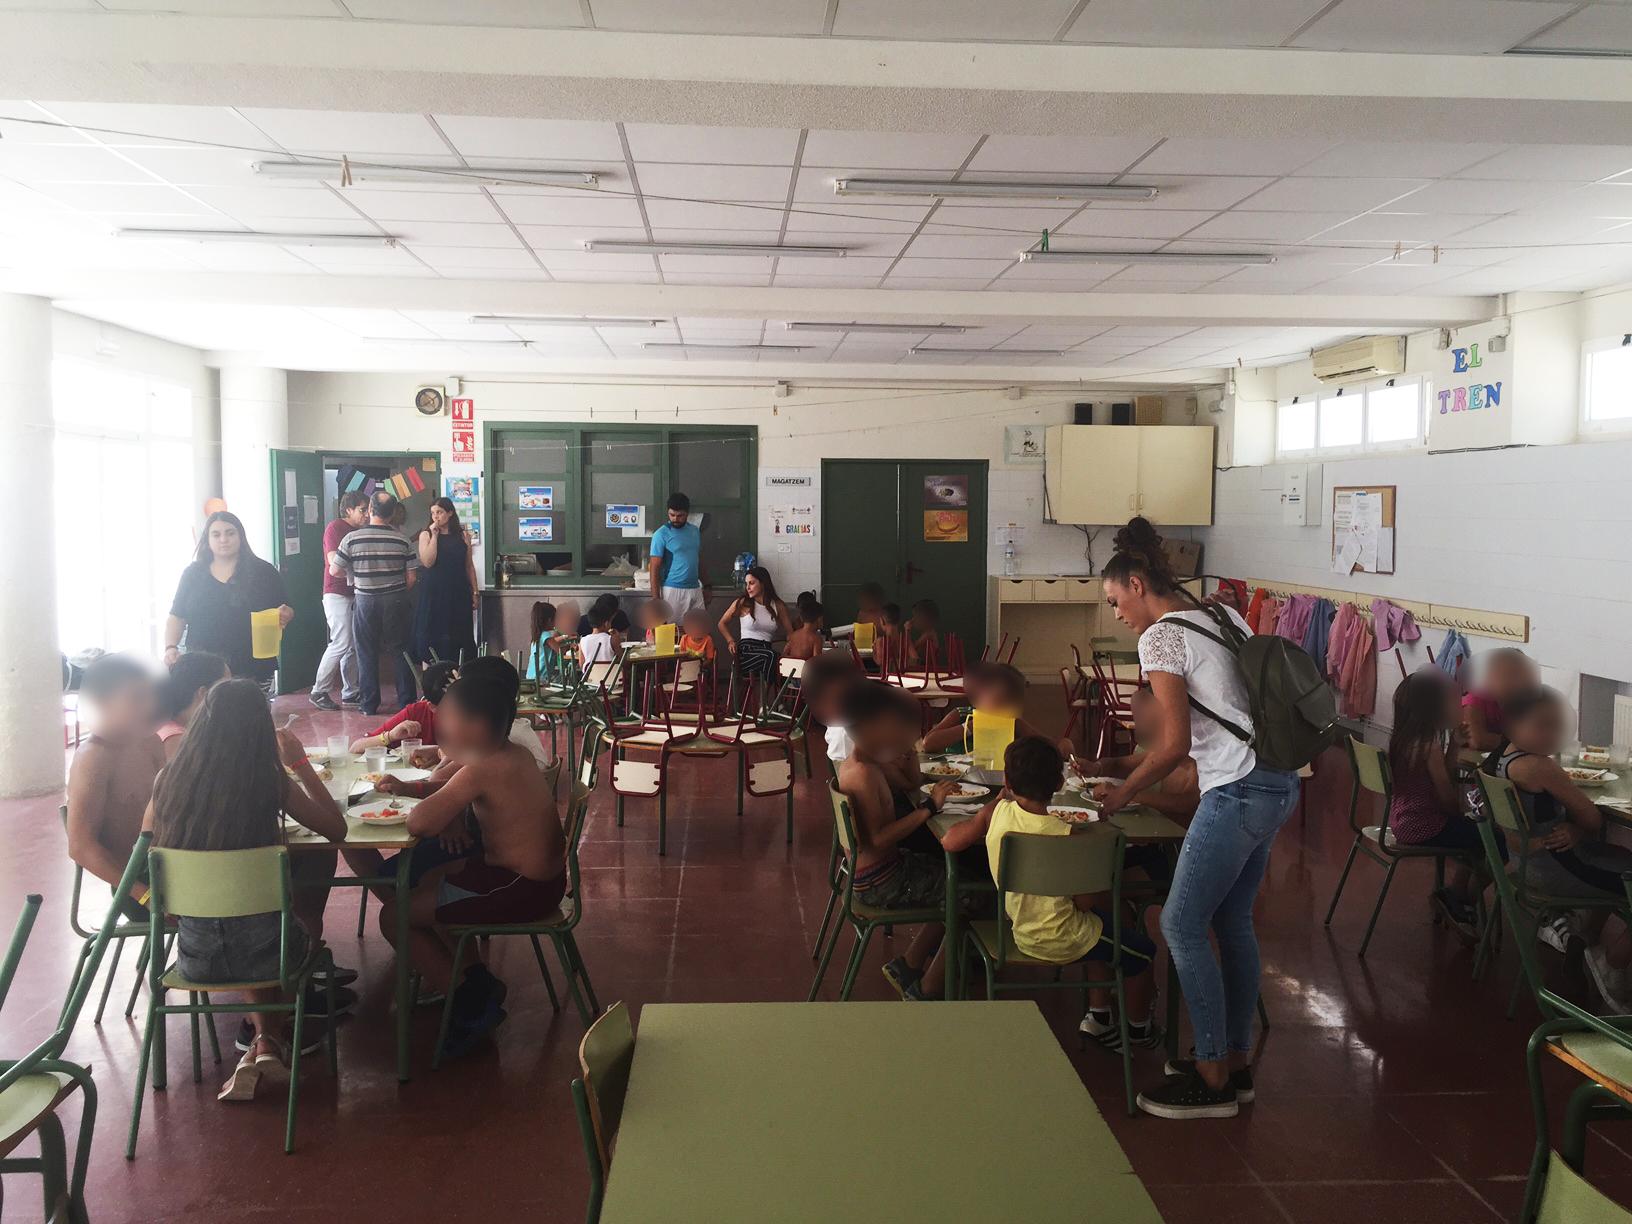 Fins a 30 xiquets, xiquetes i jóvens es beneficiaran d'esta iniciativa organitzada per la Regidoria de Benestar Social i Polítiques d'Igualtat de l'Ajuntament de Vilamarxant.